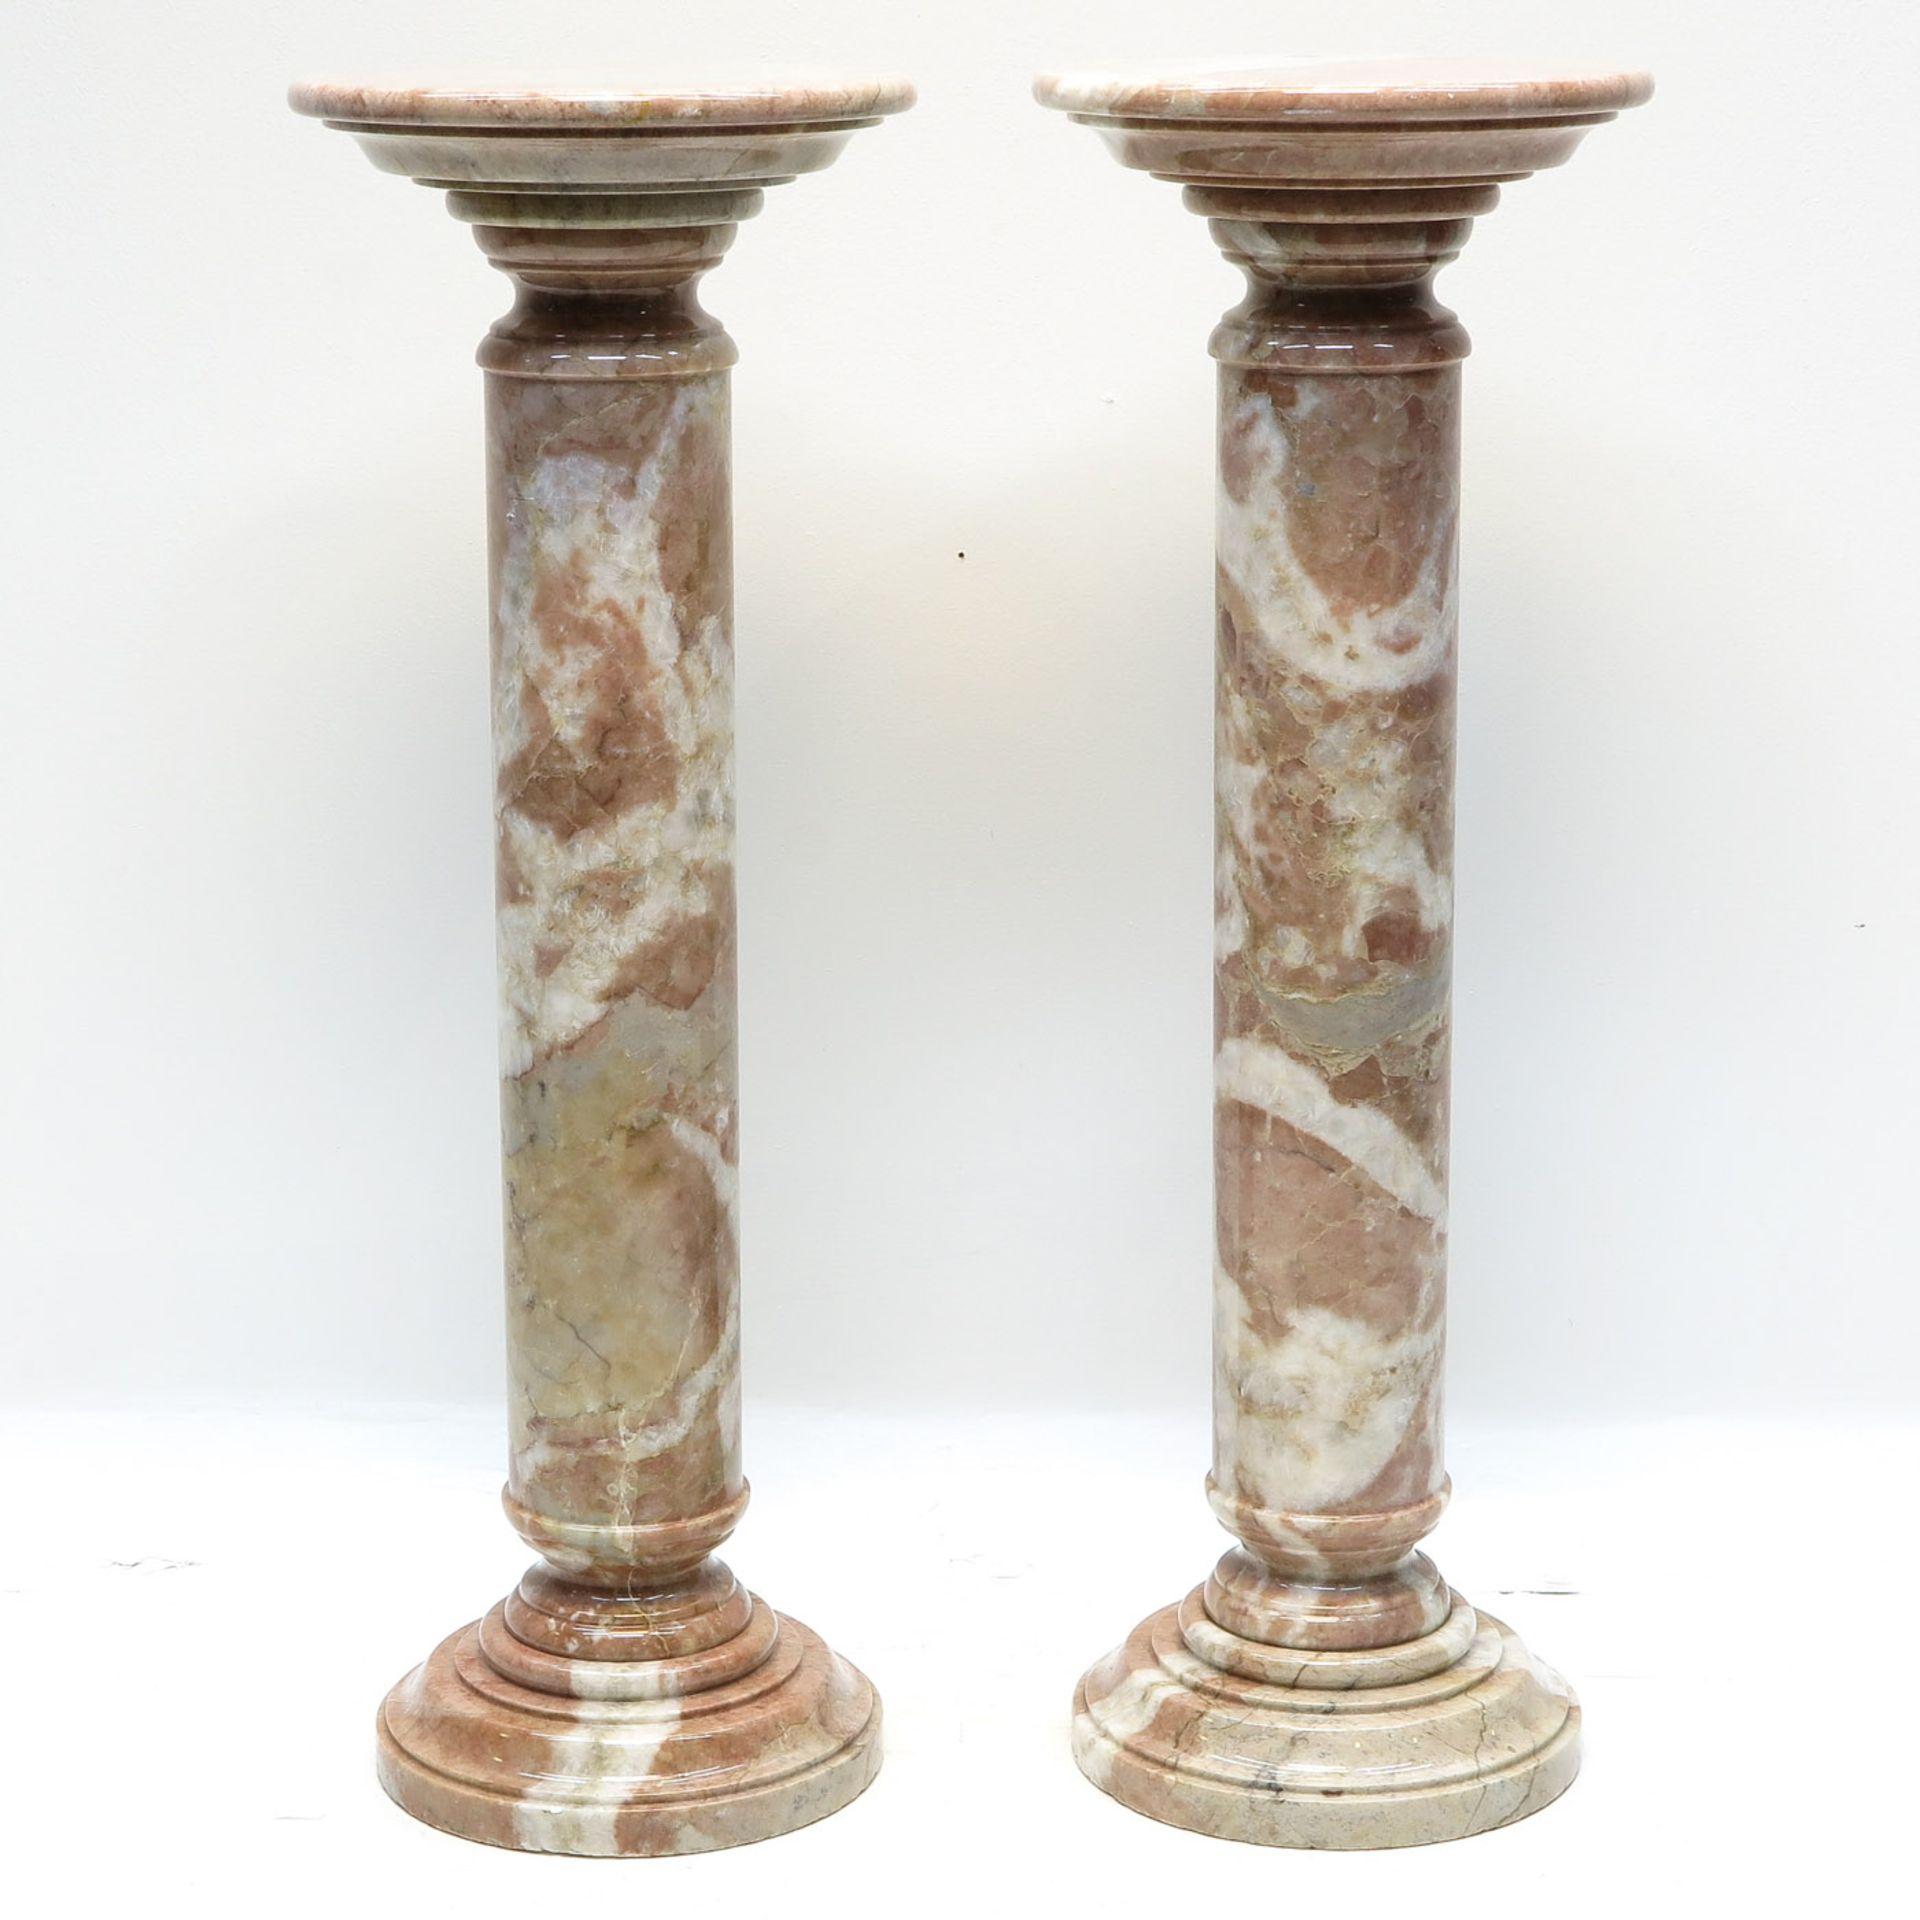 Los 1053 - A Pair of Marble Pedestals